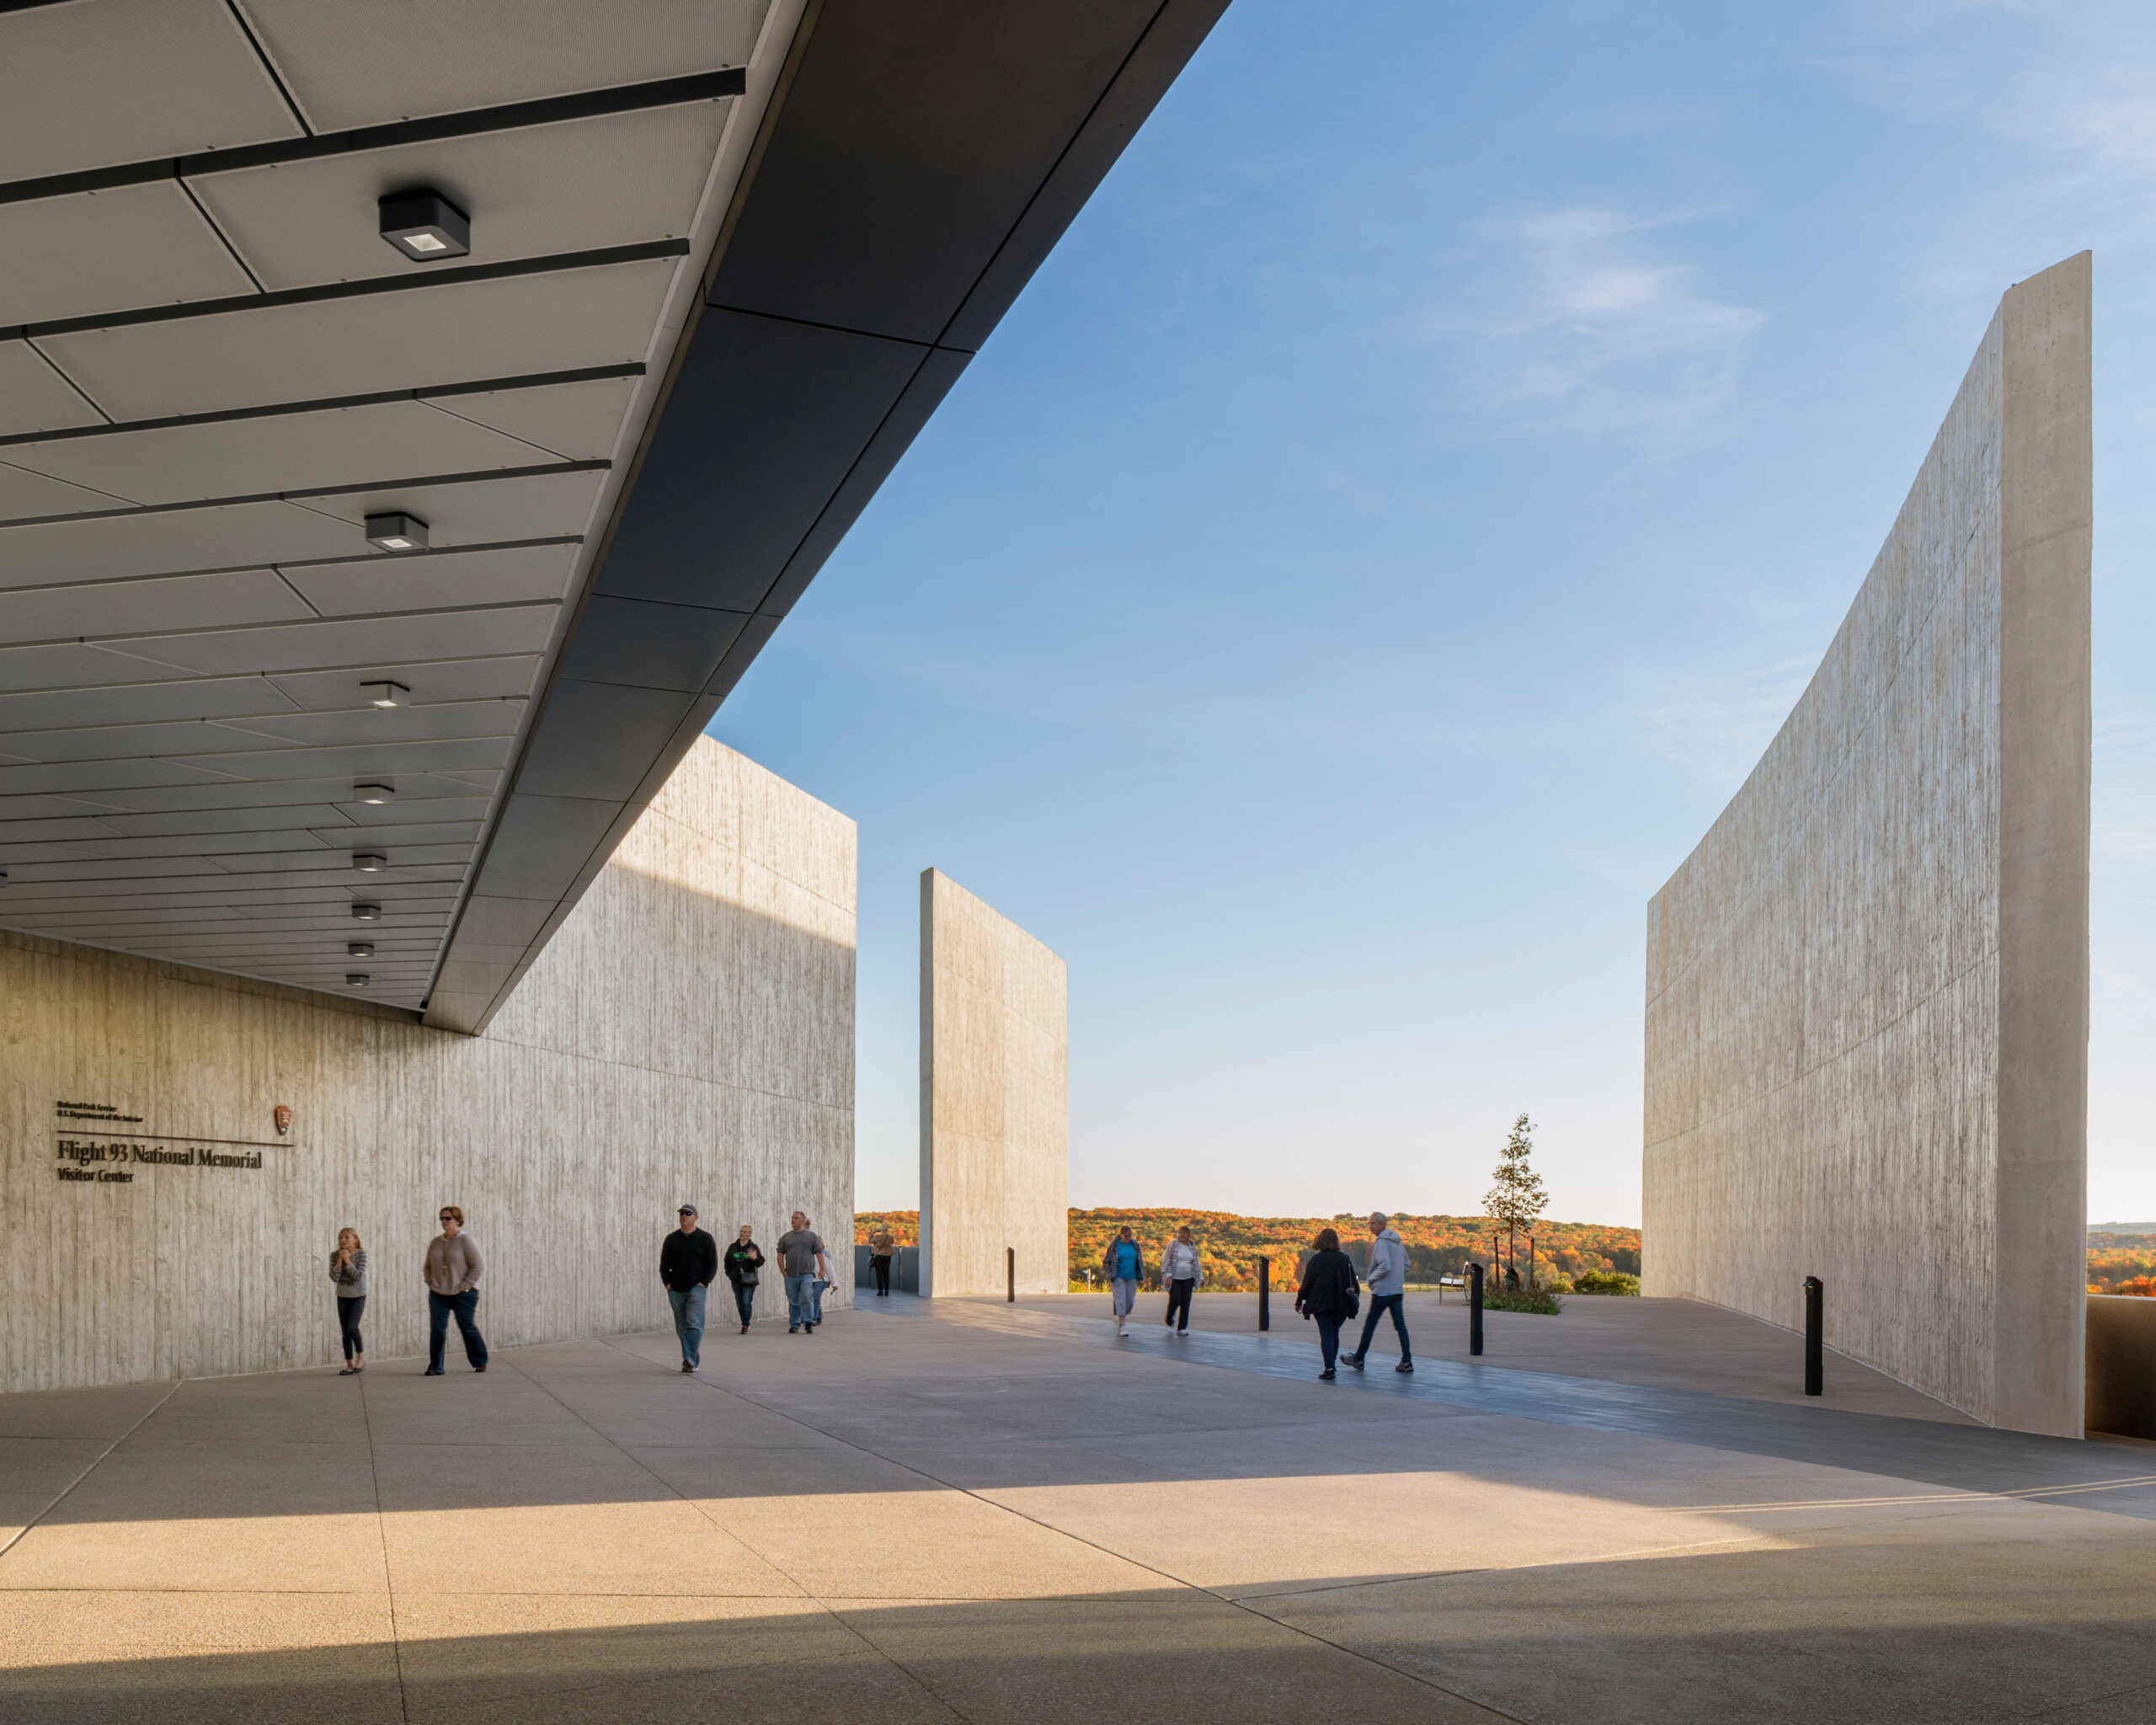 Flight 93 National Memorial. Paul Murdoch Architects.